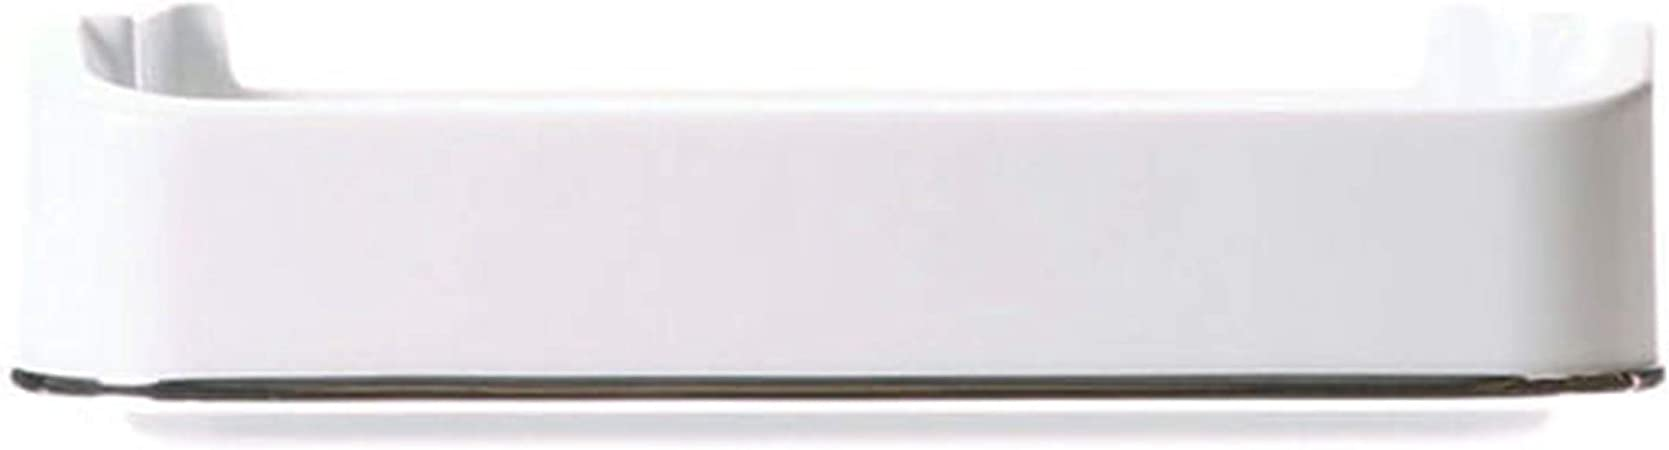 FRIGIDAIRE REFRIGERATOR DOOR BIN PART # 218592325